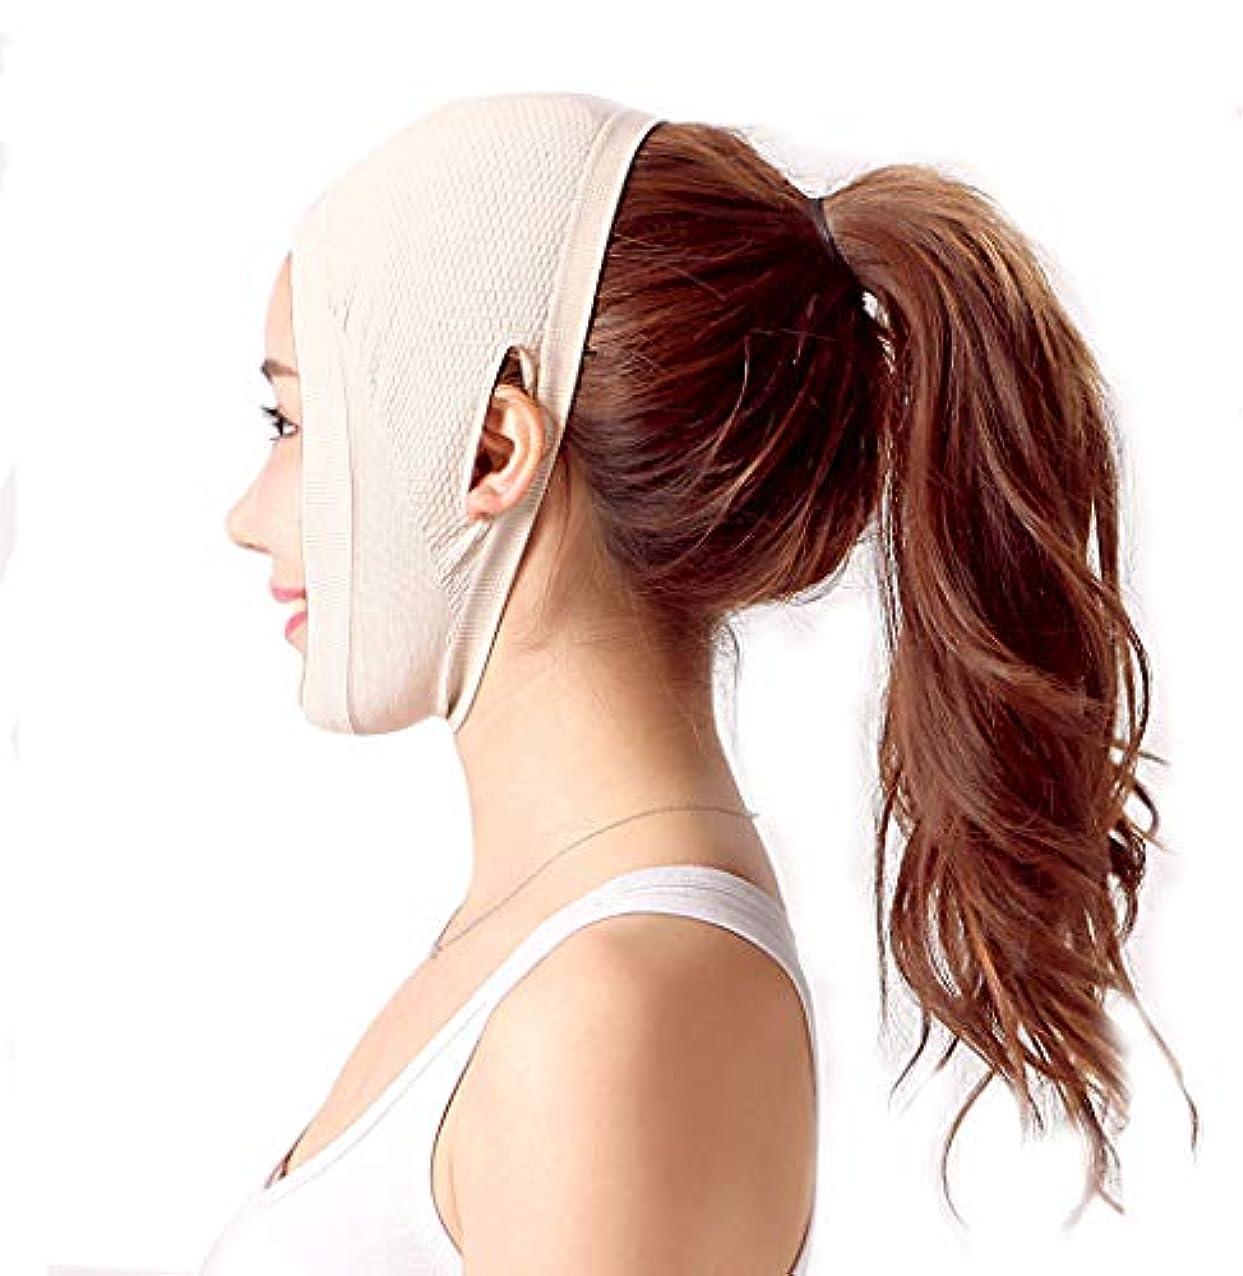 承認する篭ドームV顔リフティング包帯薄いフェイスマスクを眠っている整形手術病院ライン彫刻術後回復ヘッドギア医療マスク (Color : Skin tone(A))